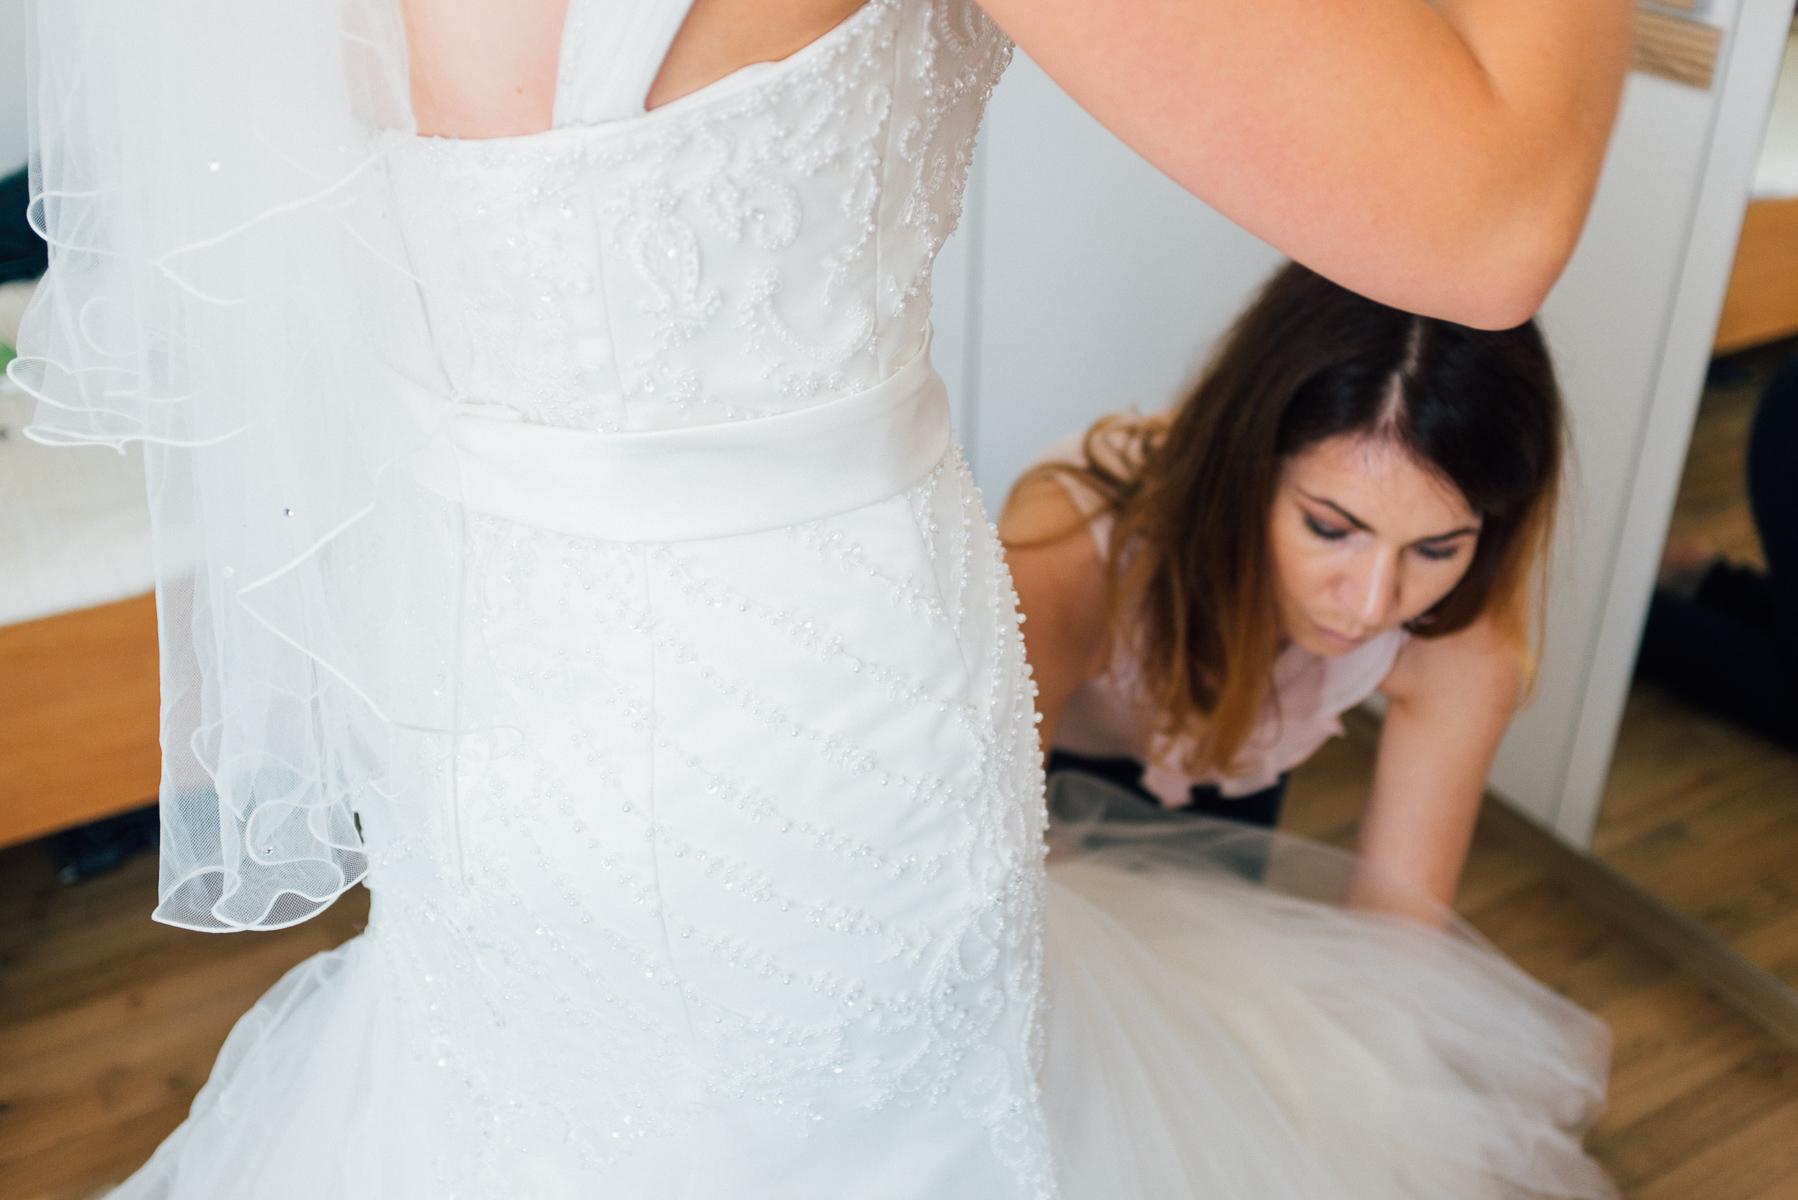 Johanna Langer Weddings Betreuung am Hochzeitstag Hochzeitsplanung Daniel Williger